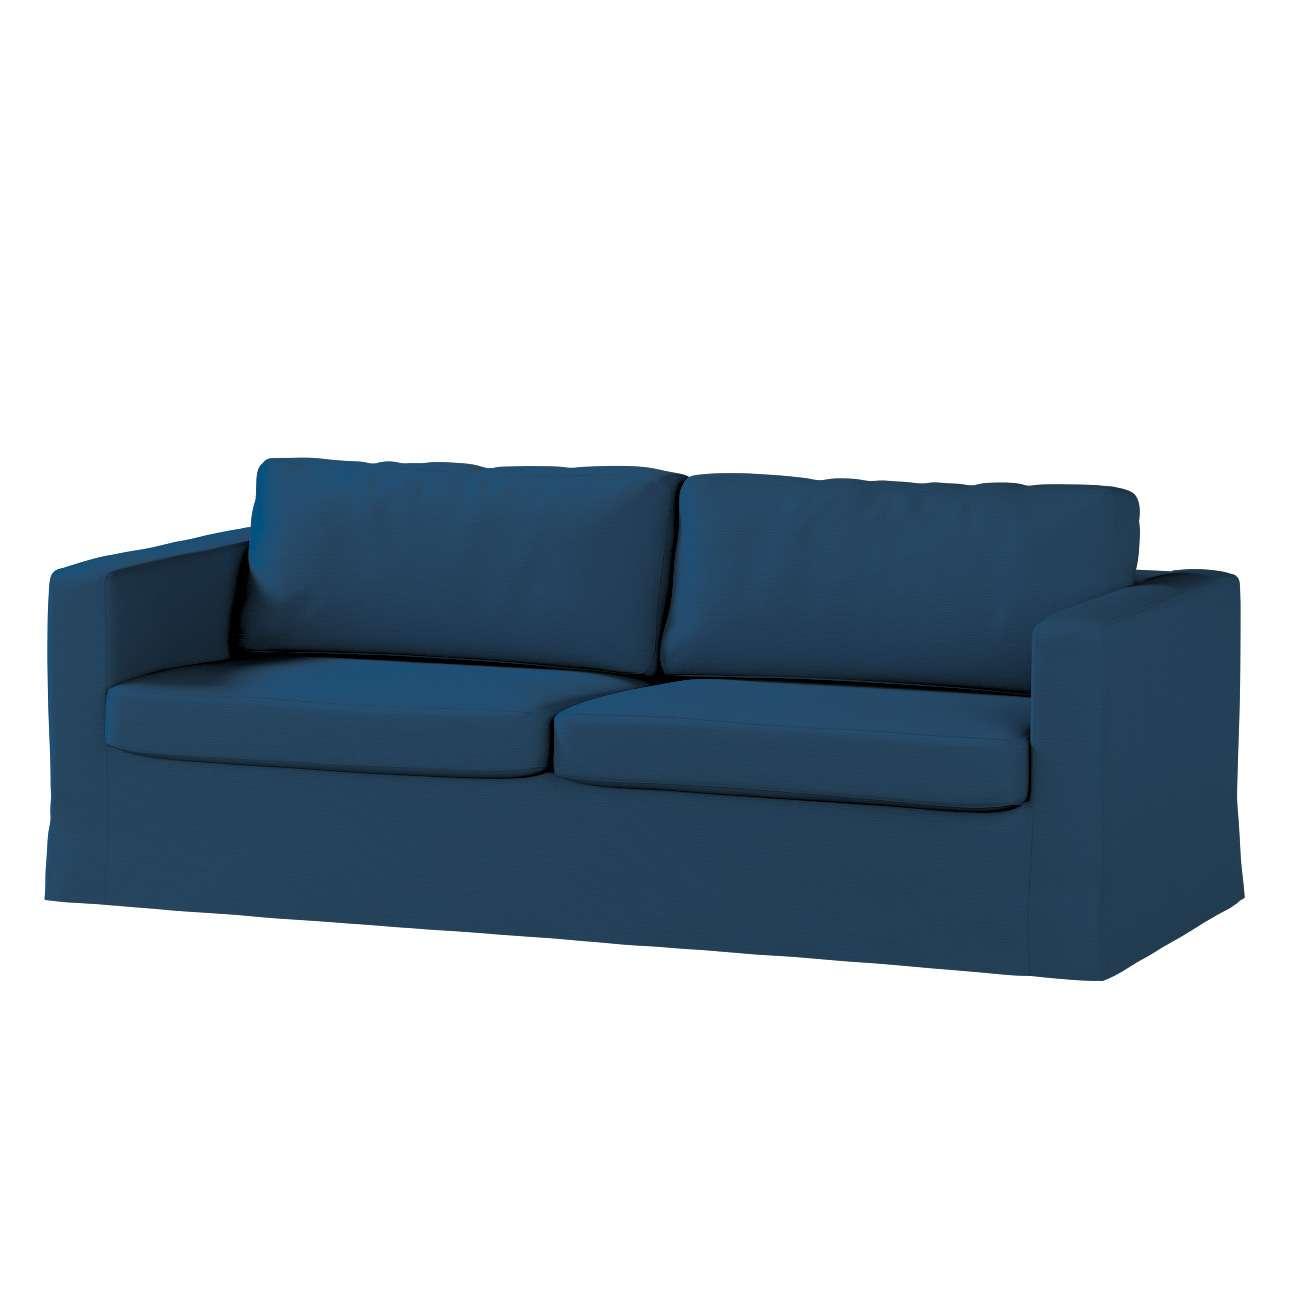 Pokrowiec na sofę Karlstad 3-osobową nierozkładaną, długi w kolekcji Cotton Panama, tkanina: 702-30